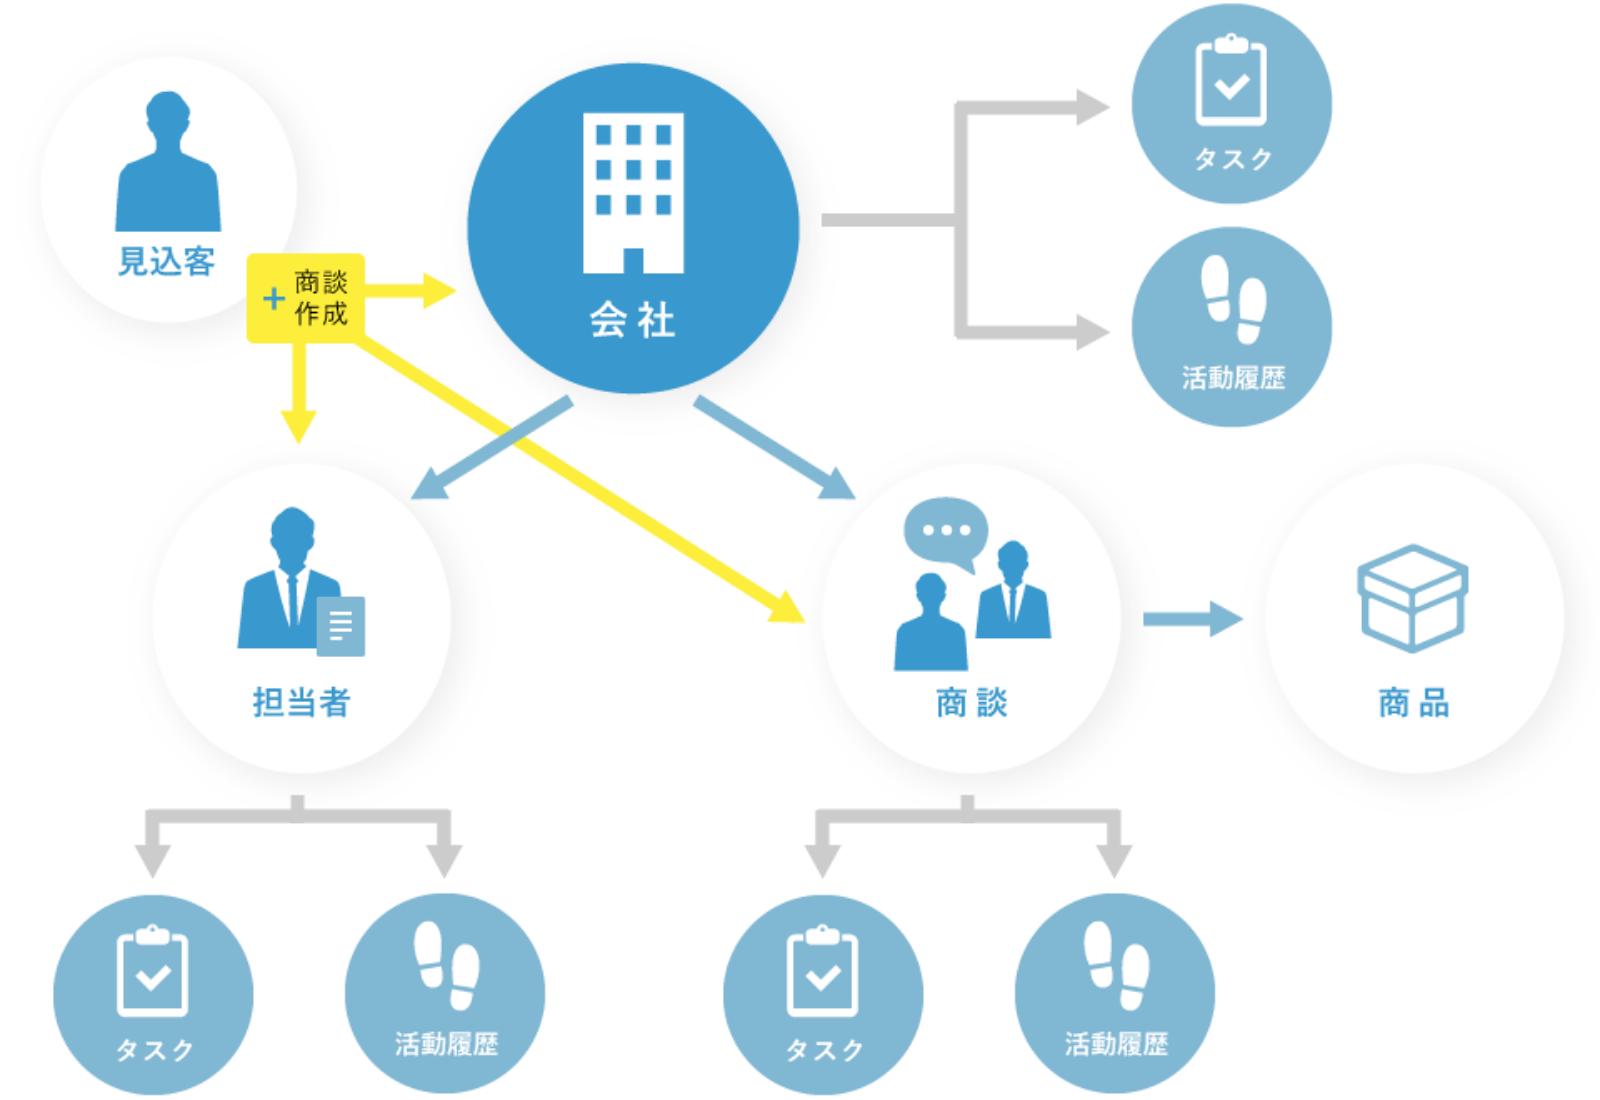 chikyu_construction.png (248 KB)